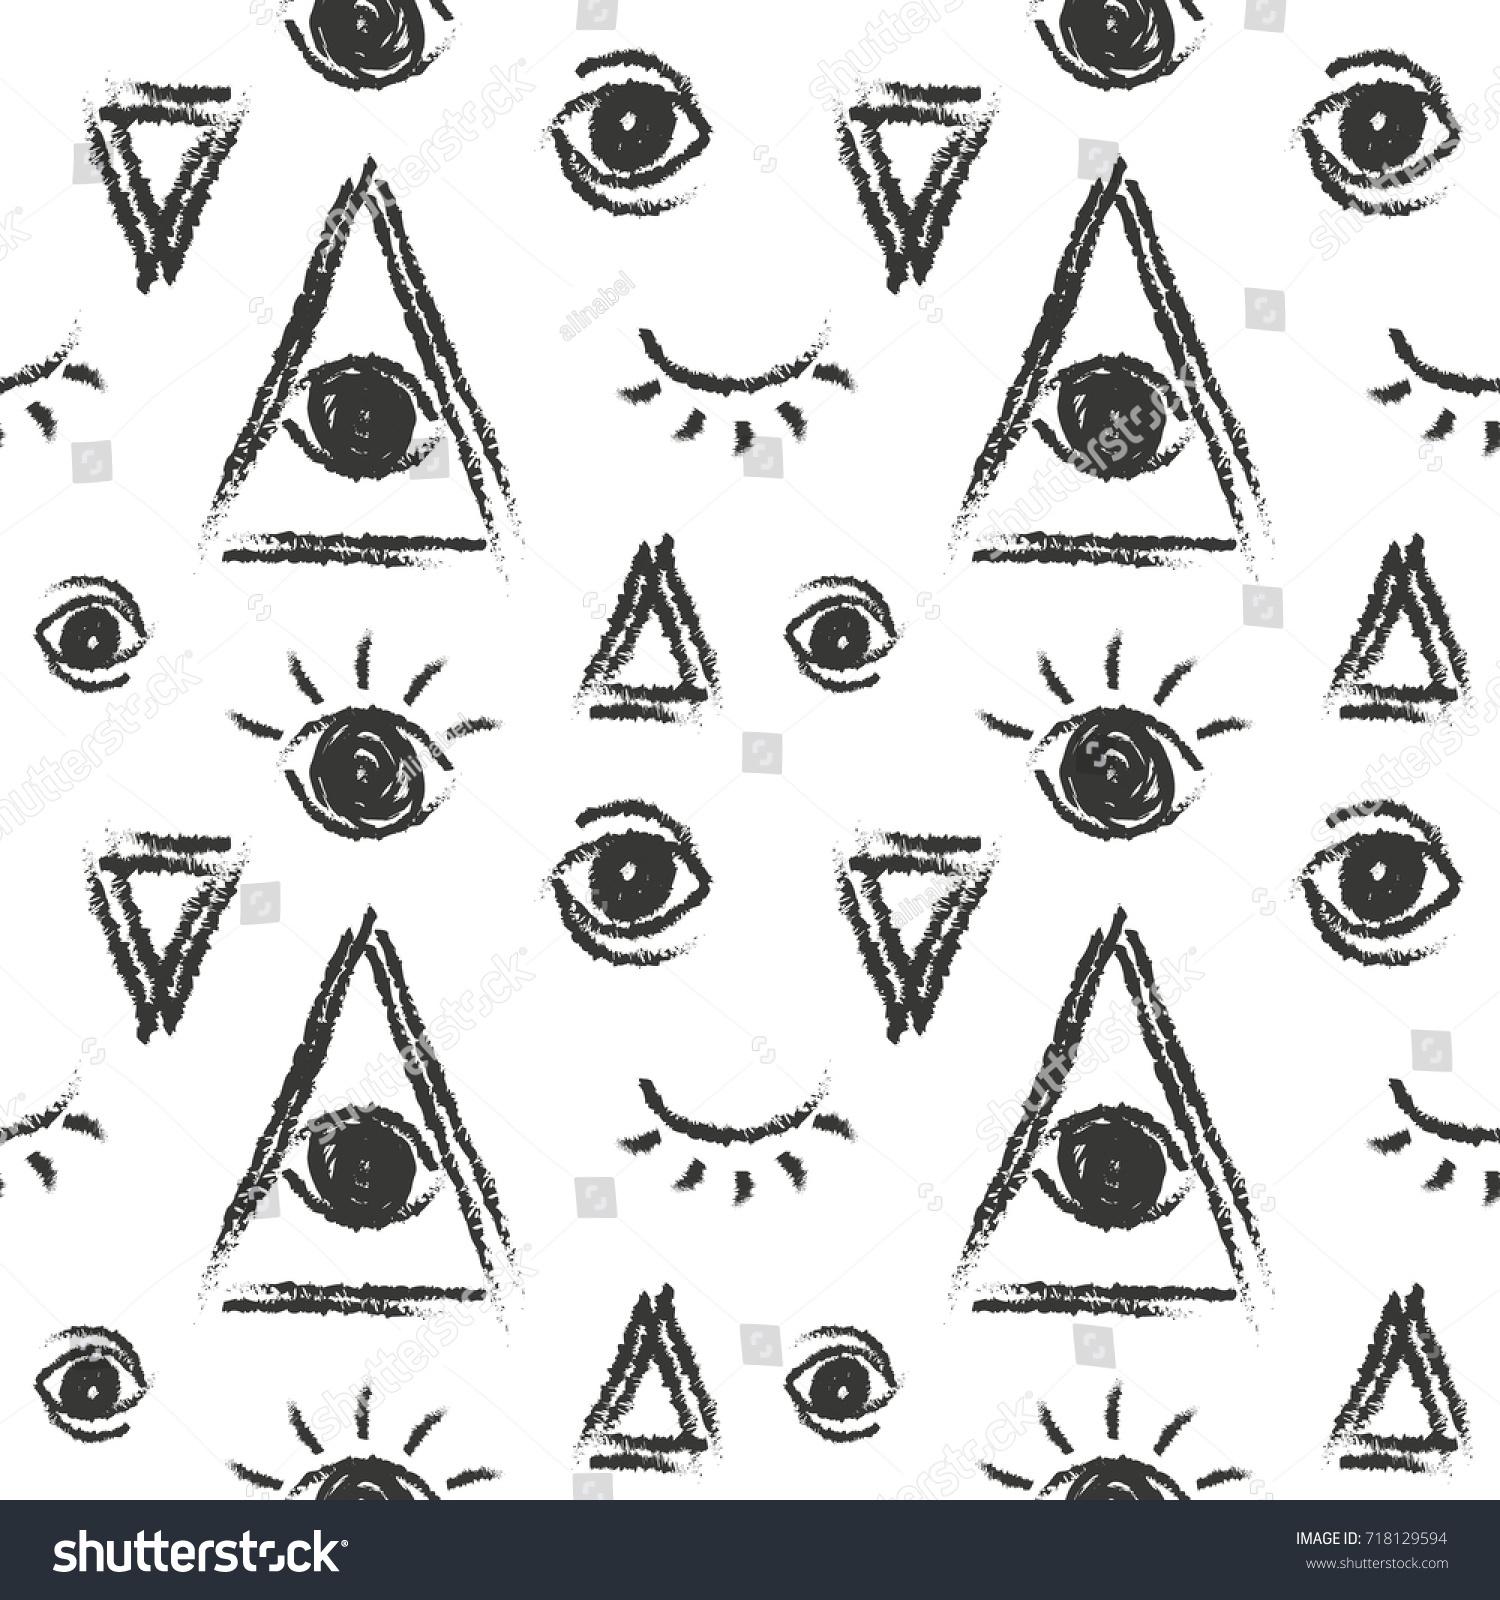 Vector seamless pattern eye providence masonic stock vector vector seamless pattern with eye of providence masonic symbol biocorpaavc Gallery